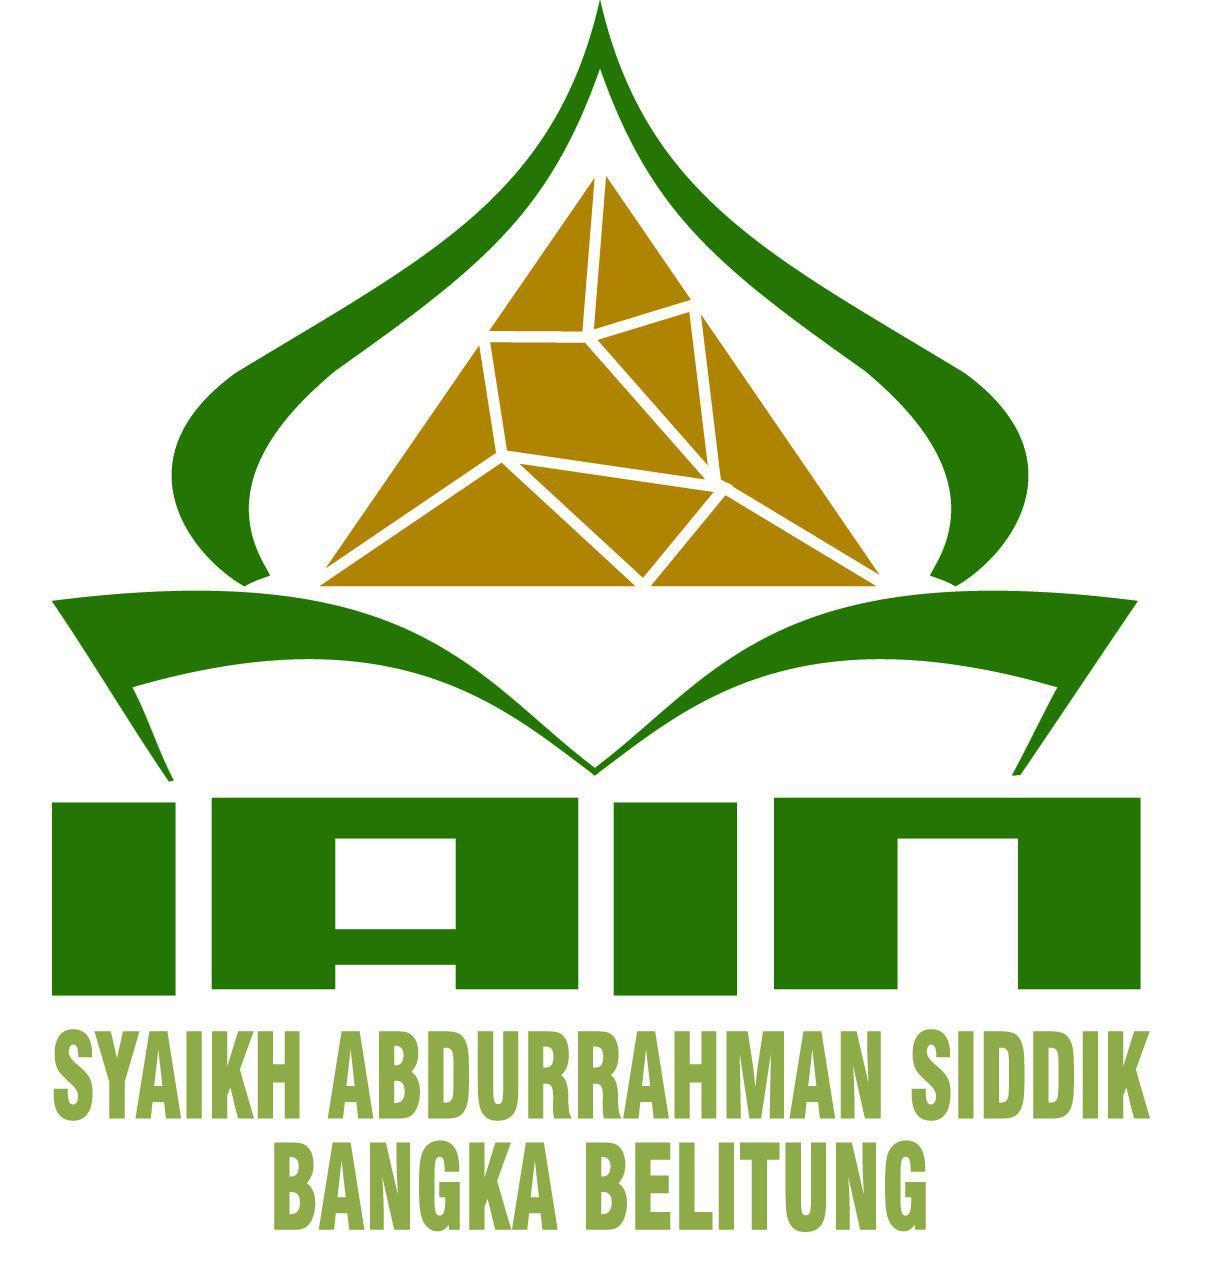 Antisipasi Wabah Covid-19, Rektor IAIN SAS Bangka Belitung Terapkan Sistem Belajar Online